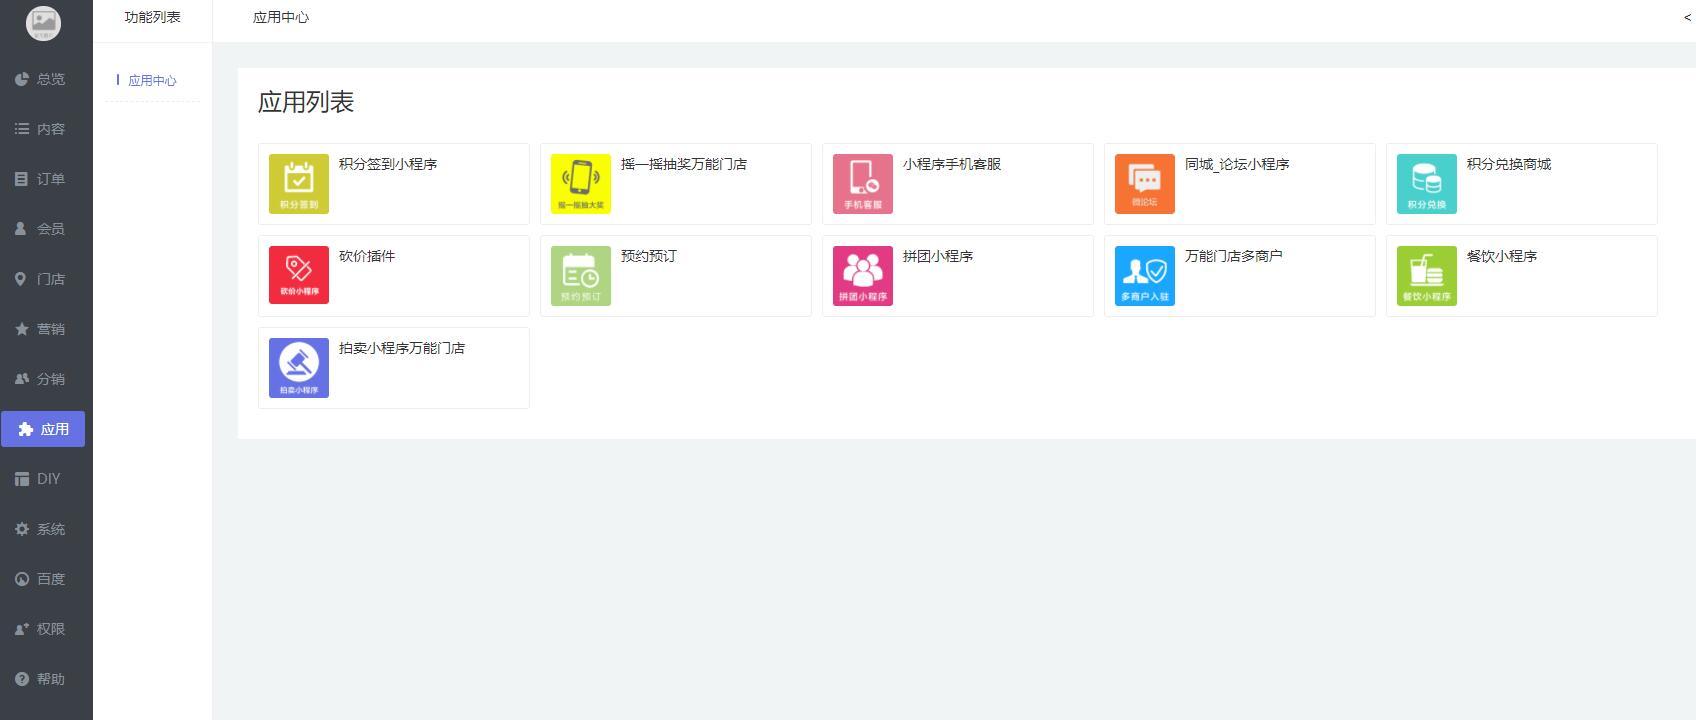 万能门店V7.4.98无限DIY版小程序运营管理系统+10个插件-狮子喵